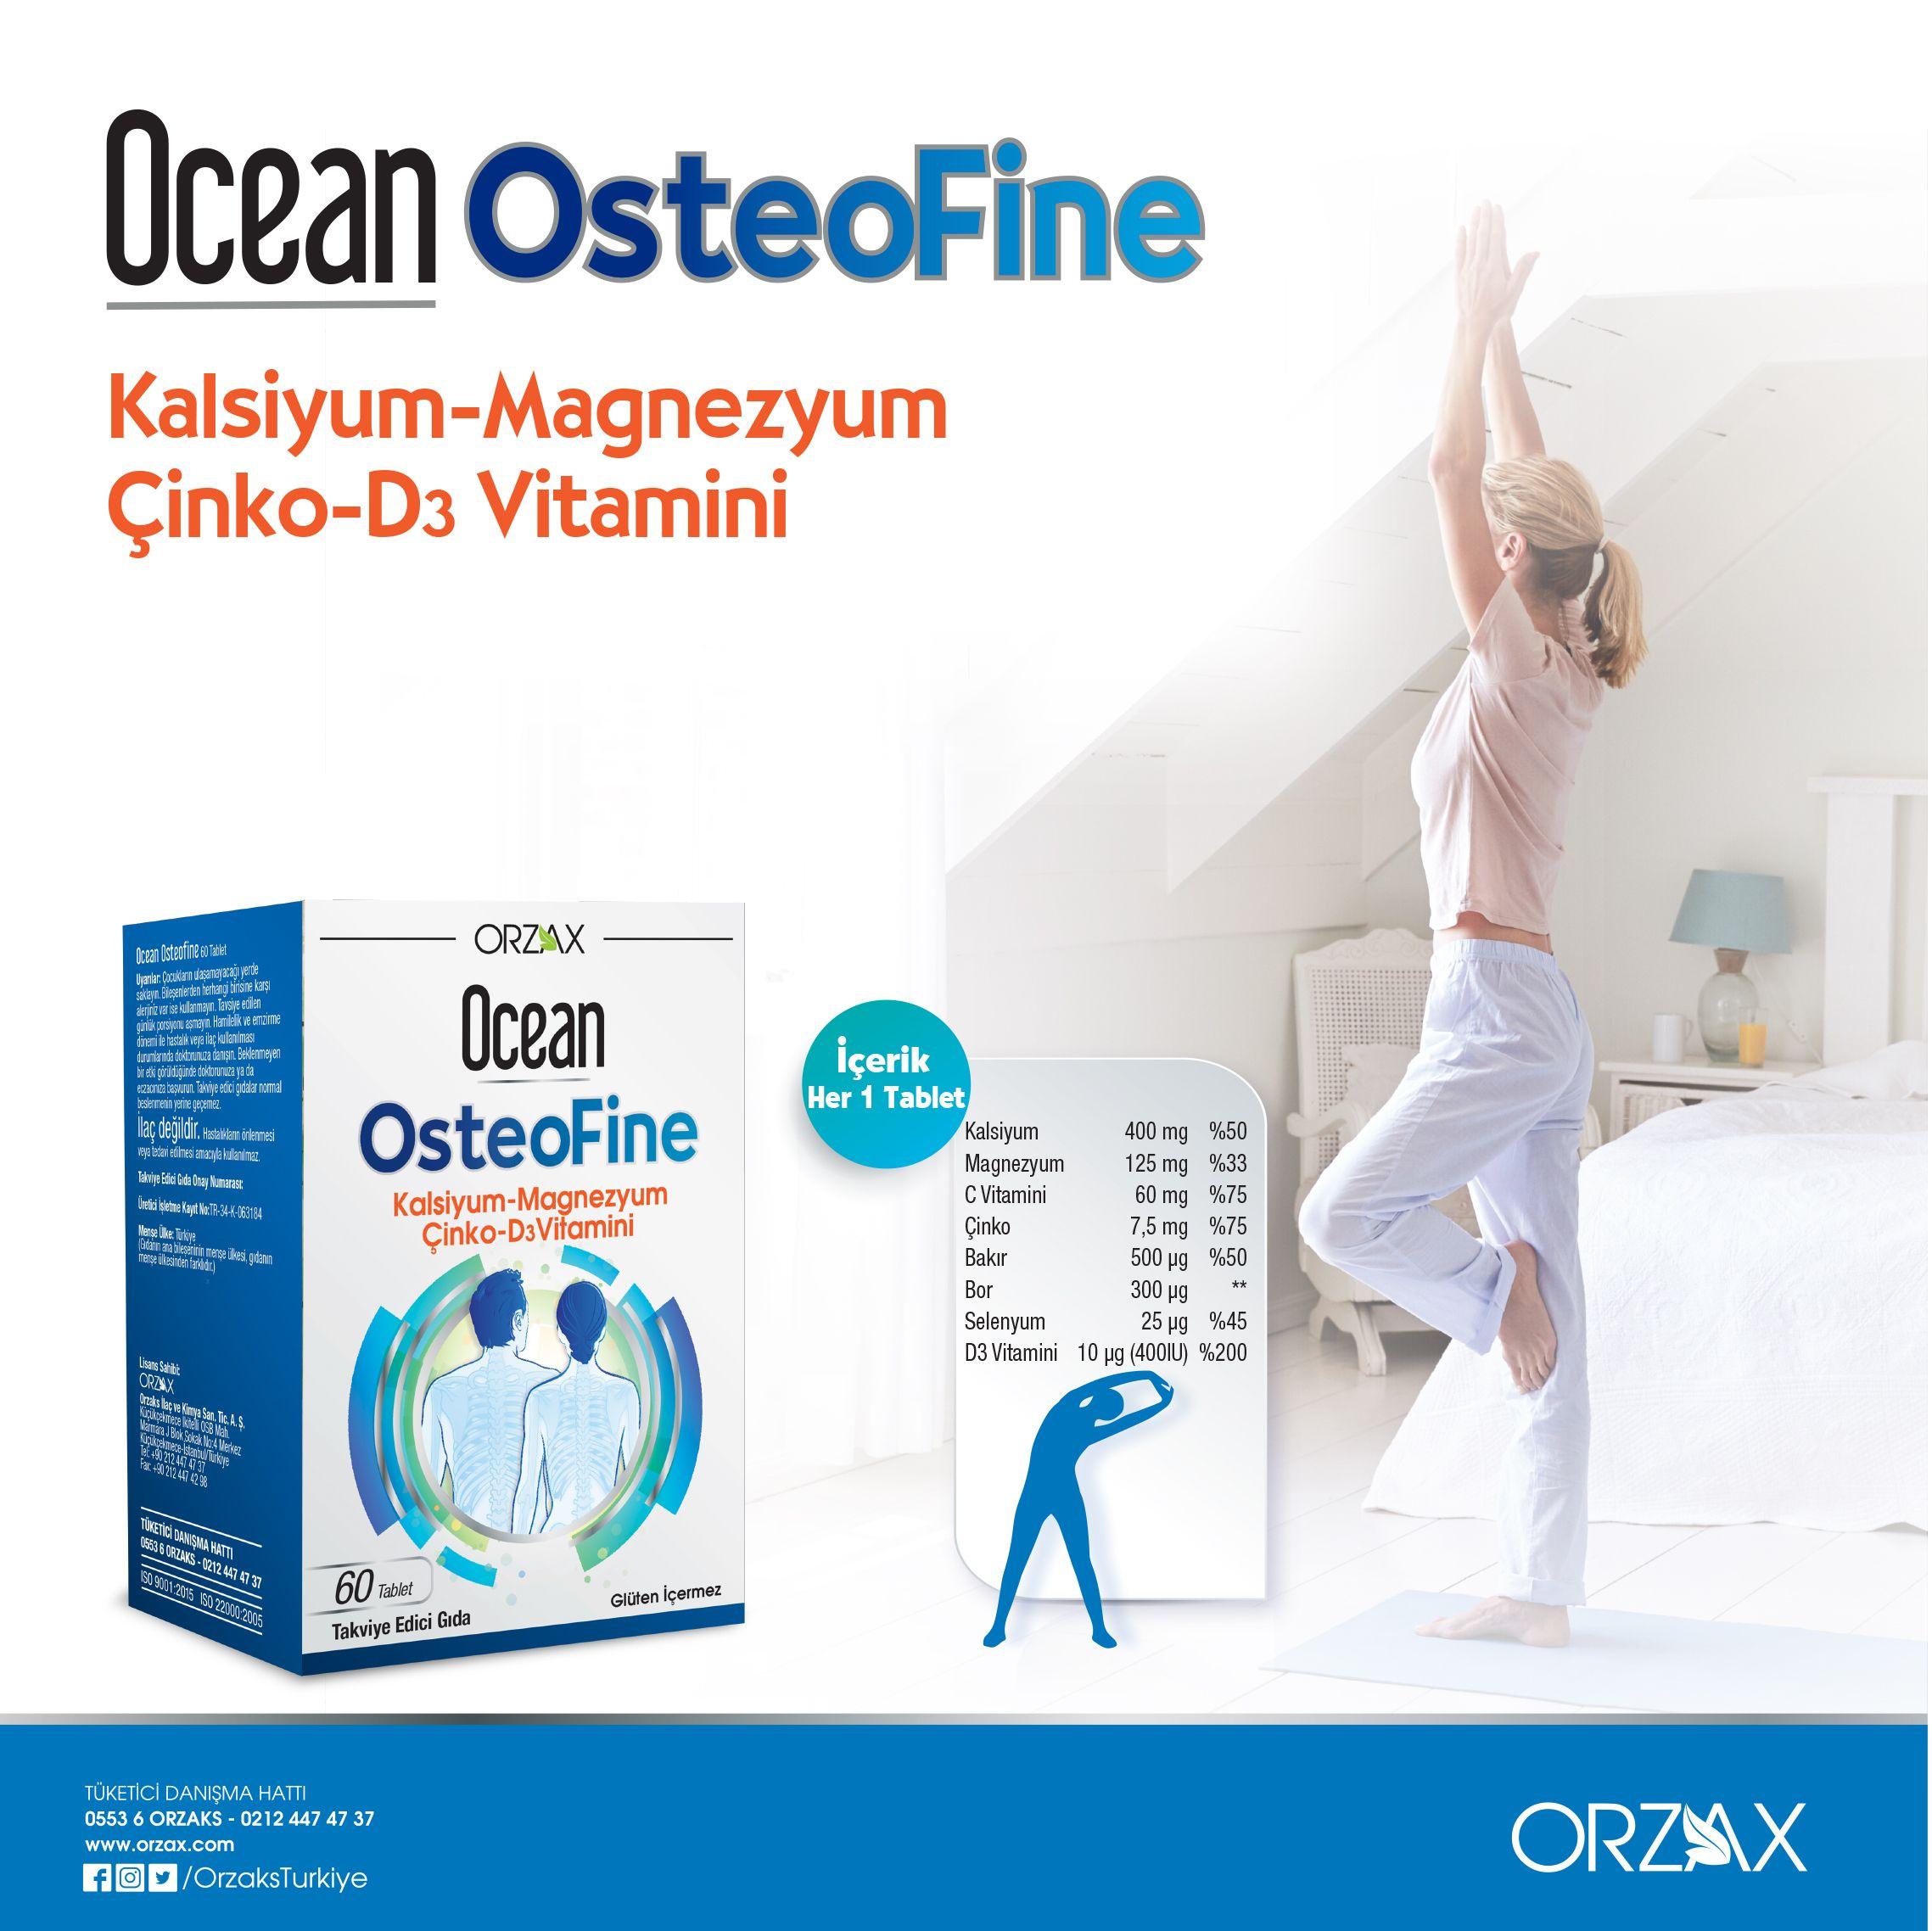 Ocean Osteofine Urunler Oya Bakir